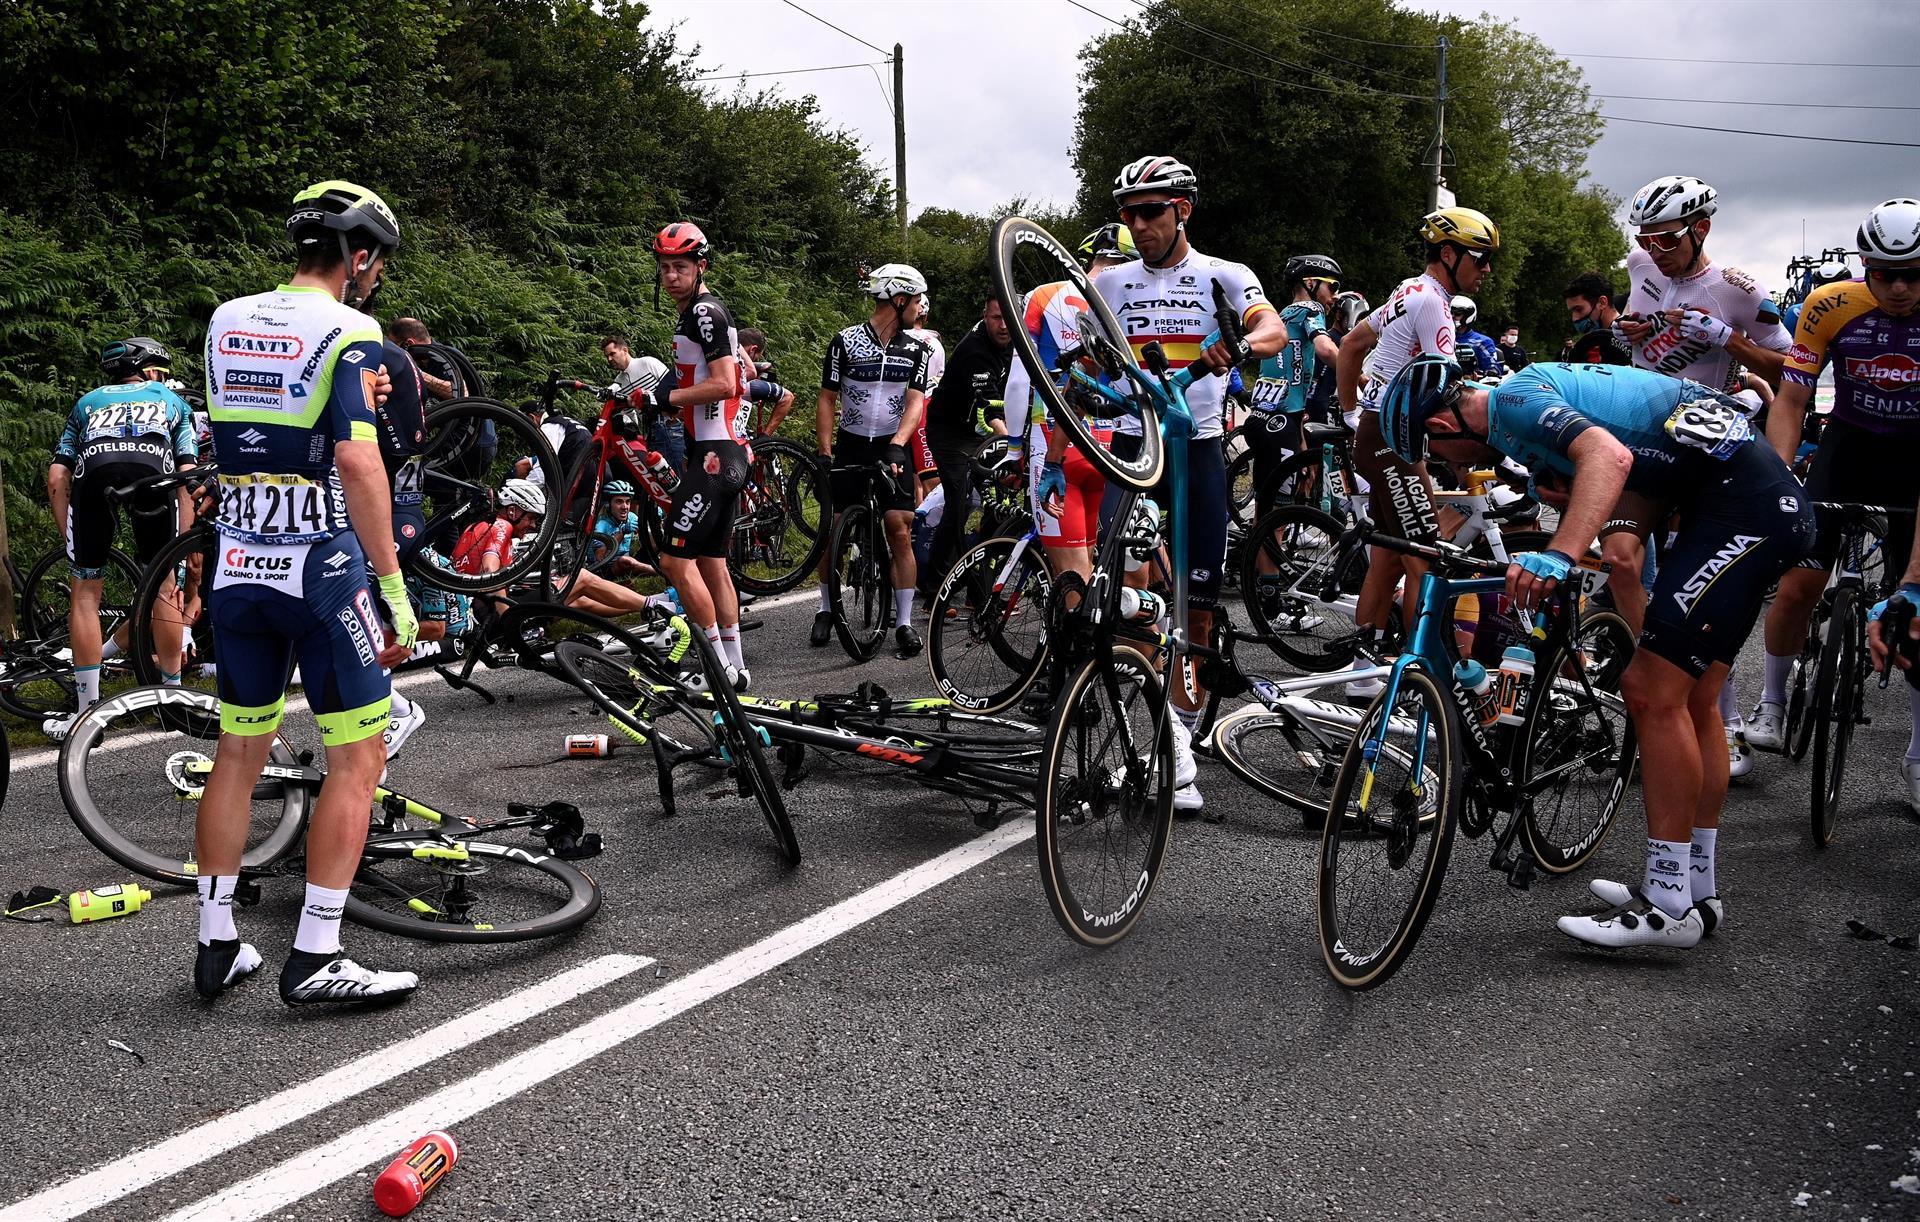 Las impactantes fotos del masivo accidente por culpa de una fanática en la  primera etapa del Tour de Francia - Infobae